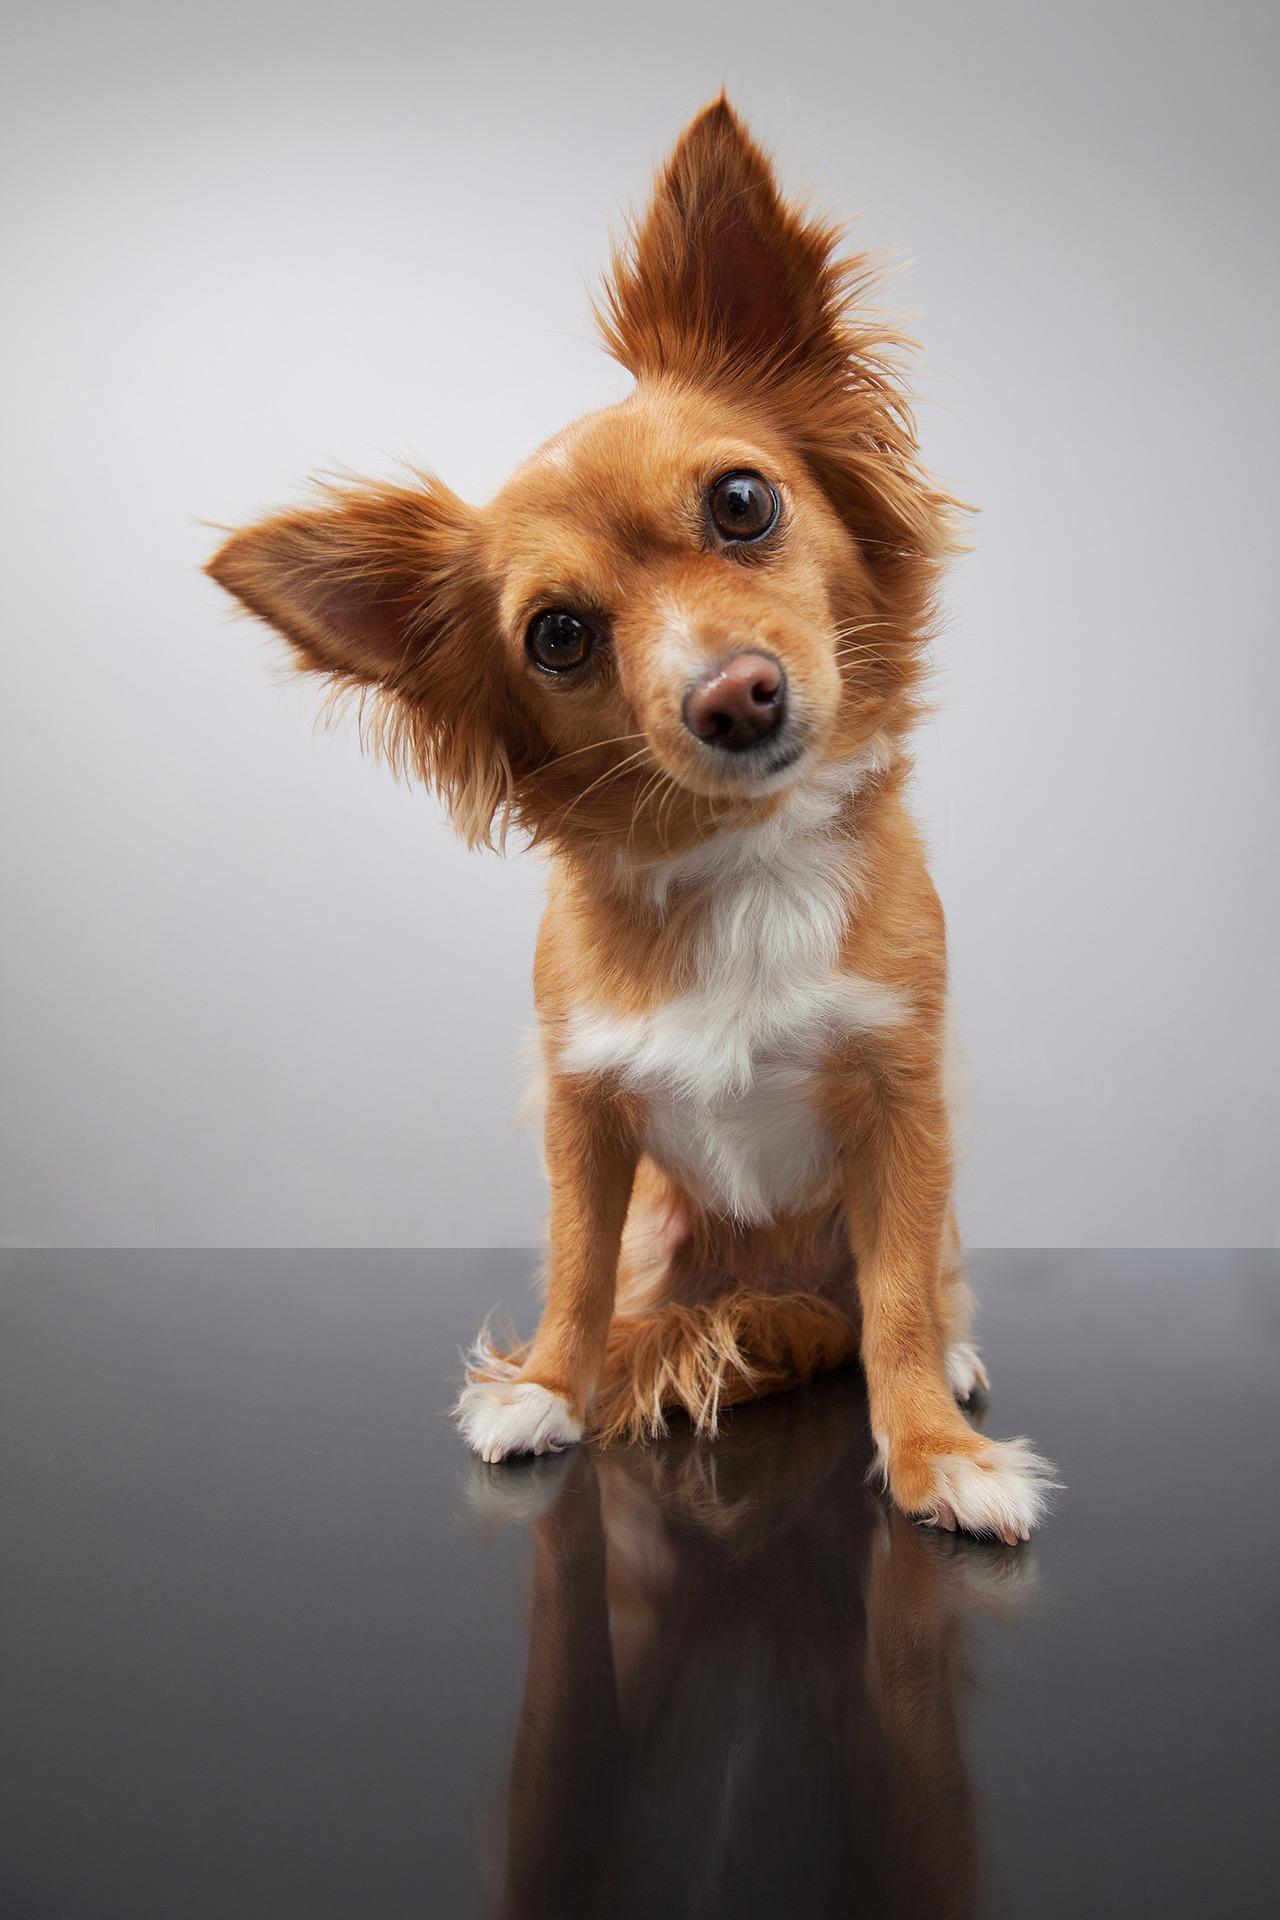 dog-1723894_1920